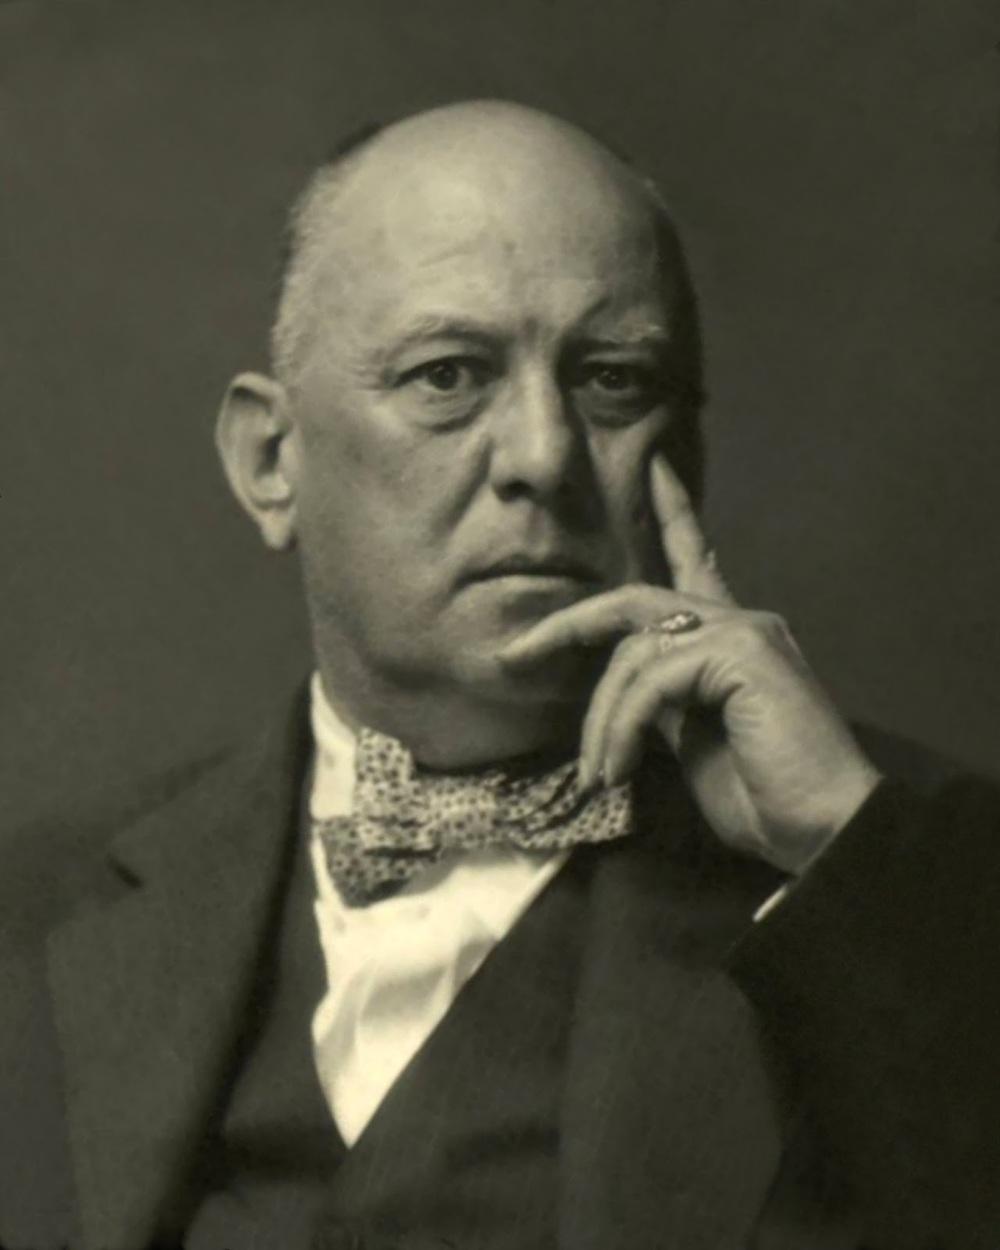 Retrato de un Aleister Crowley maduro